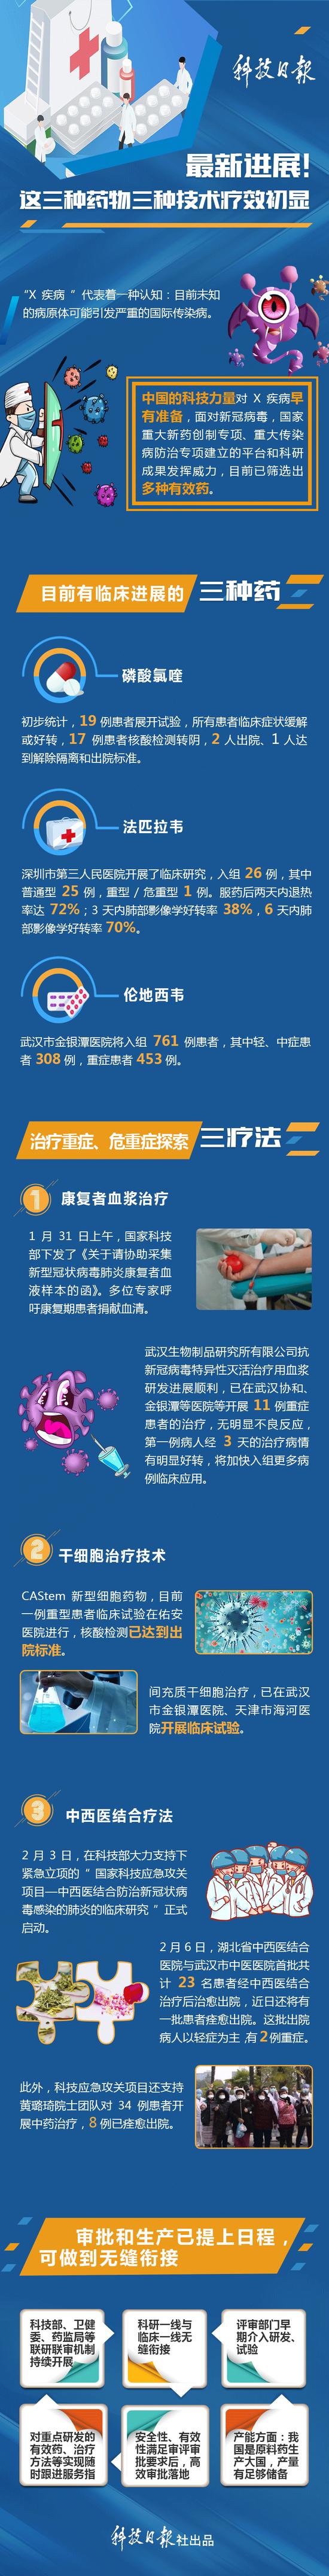 最新进展:对战新冠病毒,用了哪些招?哪些药有效?图片